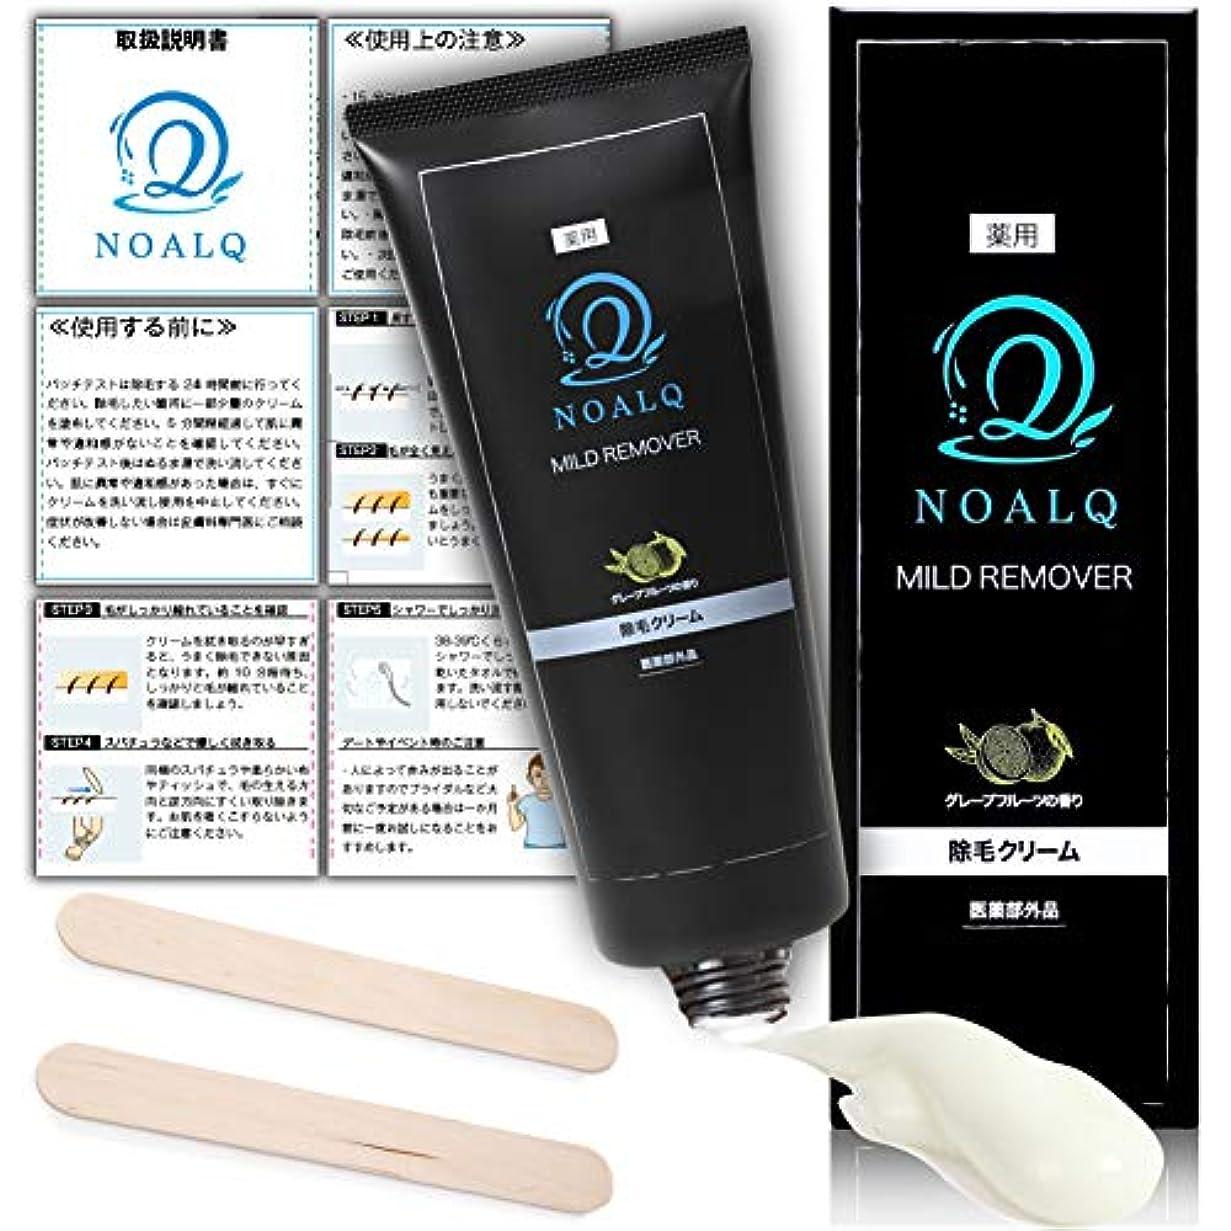 注文担保迅速NOALQ(ノアルク) 除毛クリーム 薬用リムーバークリーム 超大容量220g メンズ [陰部/VIO/アンダーヘア/ボディ用] 日本製 グレープフルーツフレーバータイプ